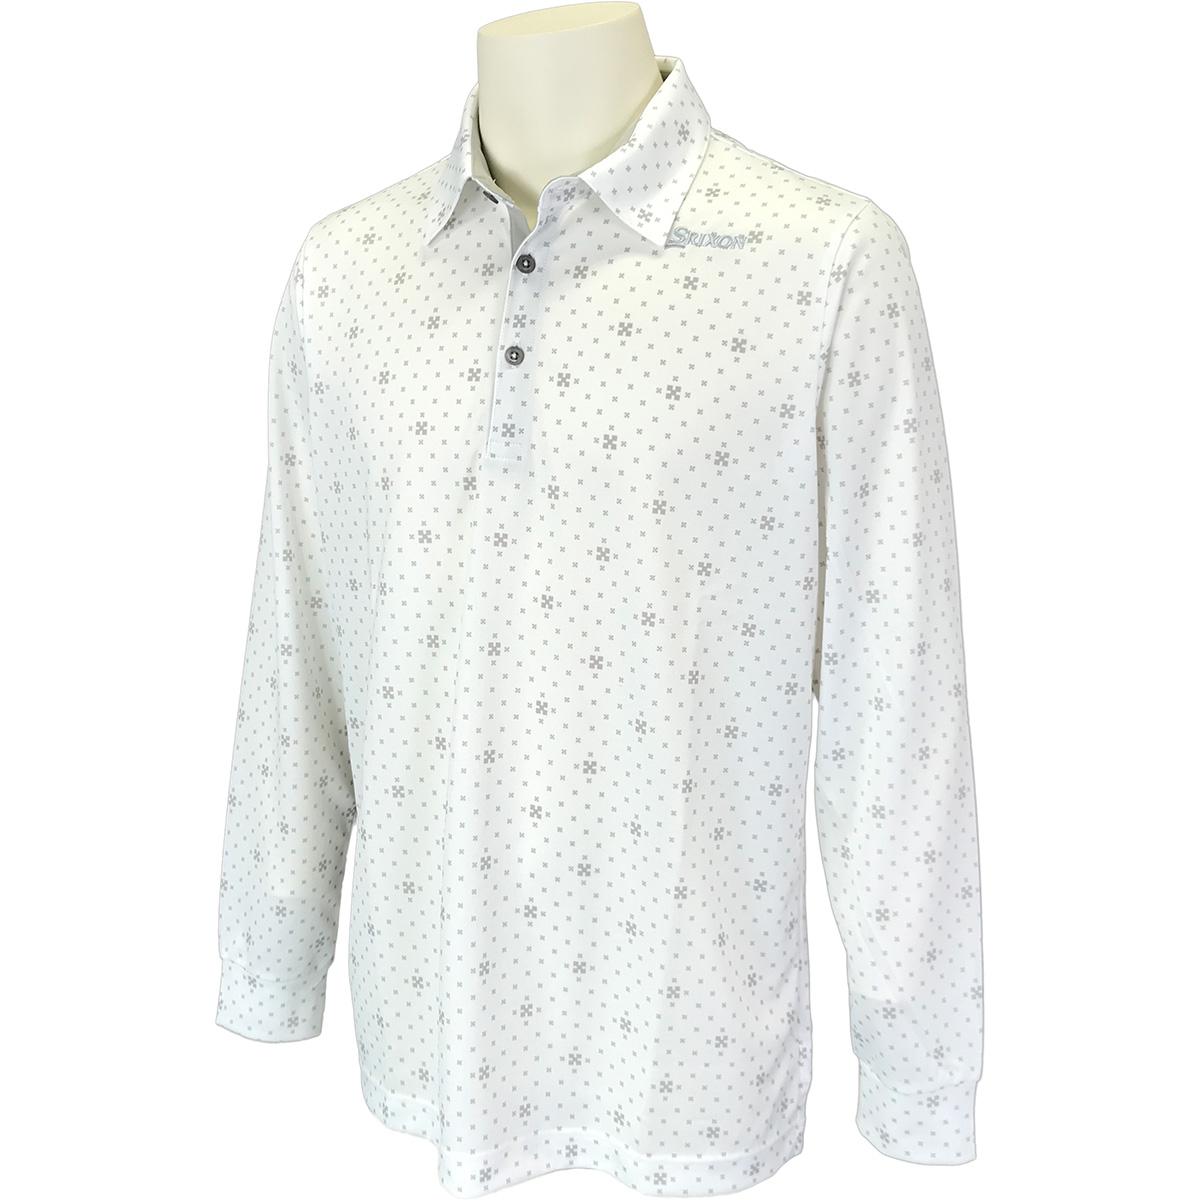 クロスイメージ小紋柄 長袖ポロシャツ